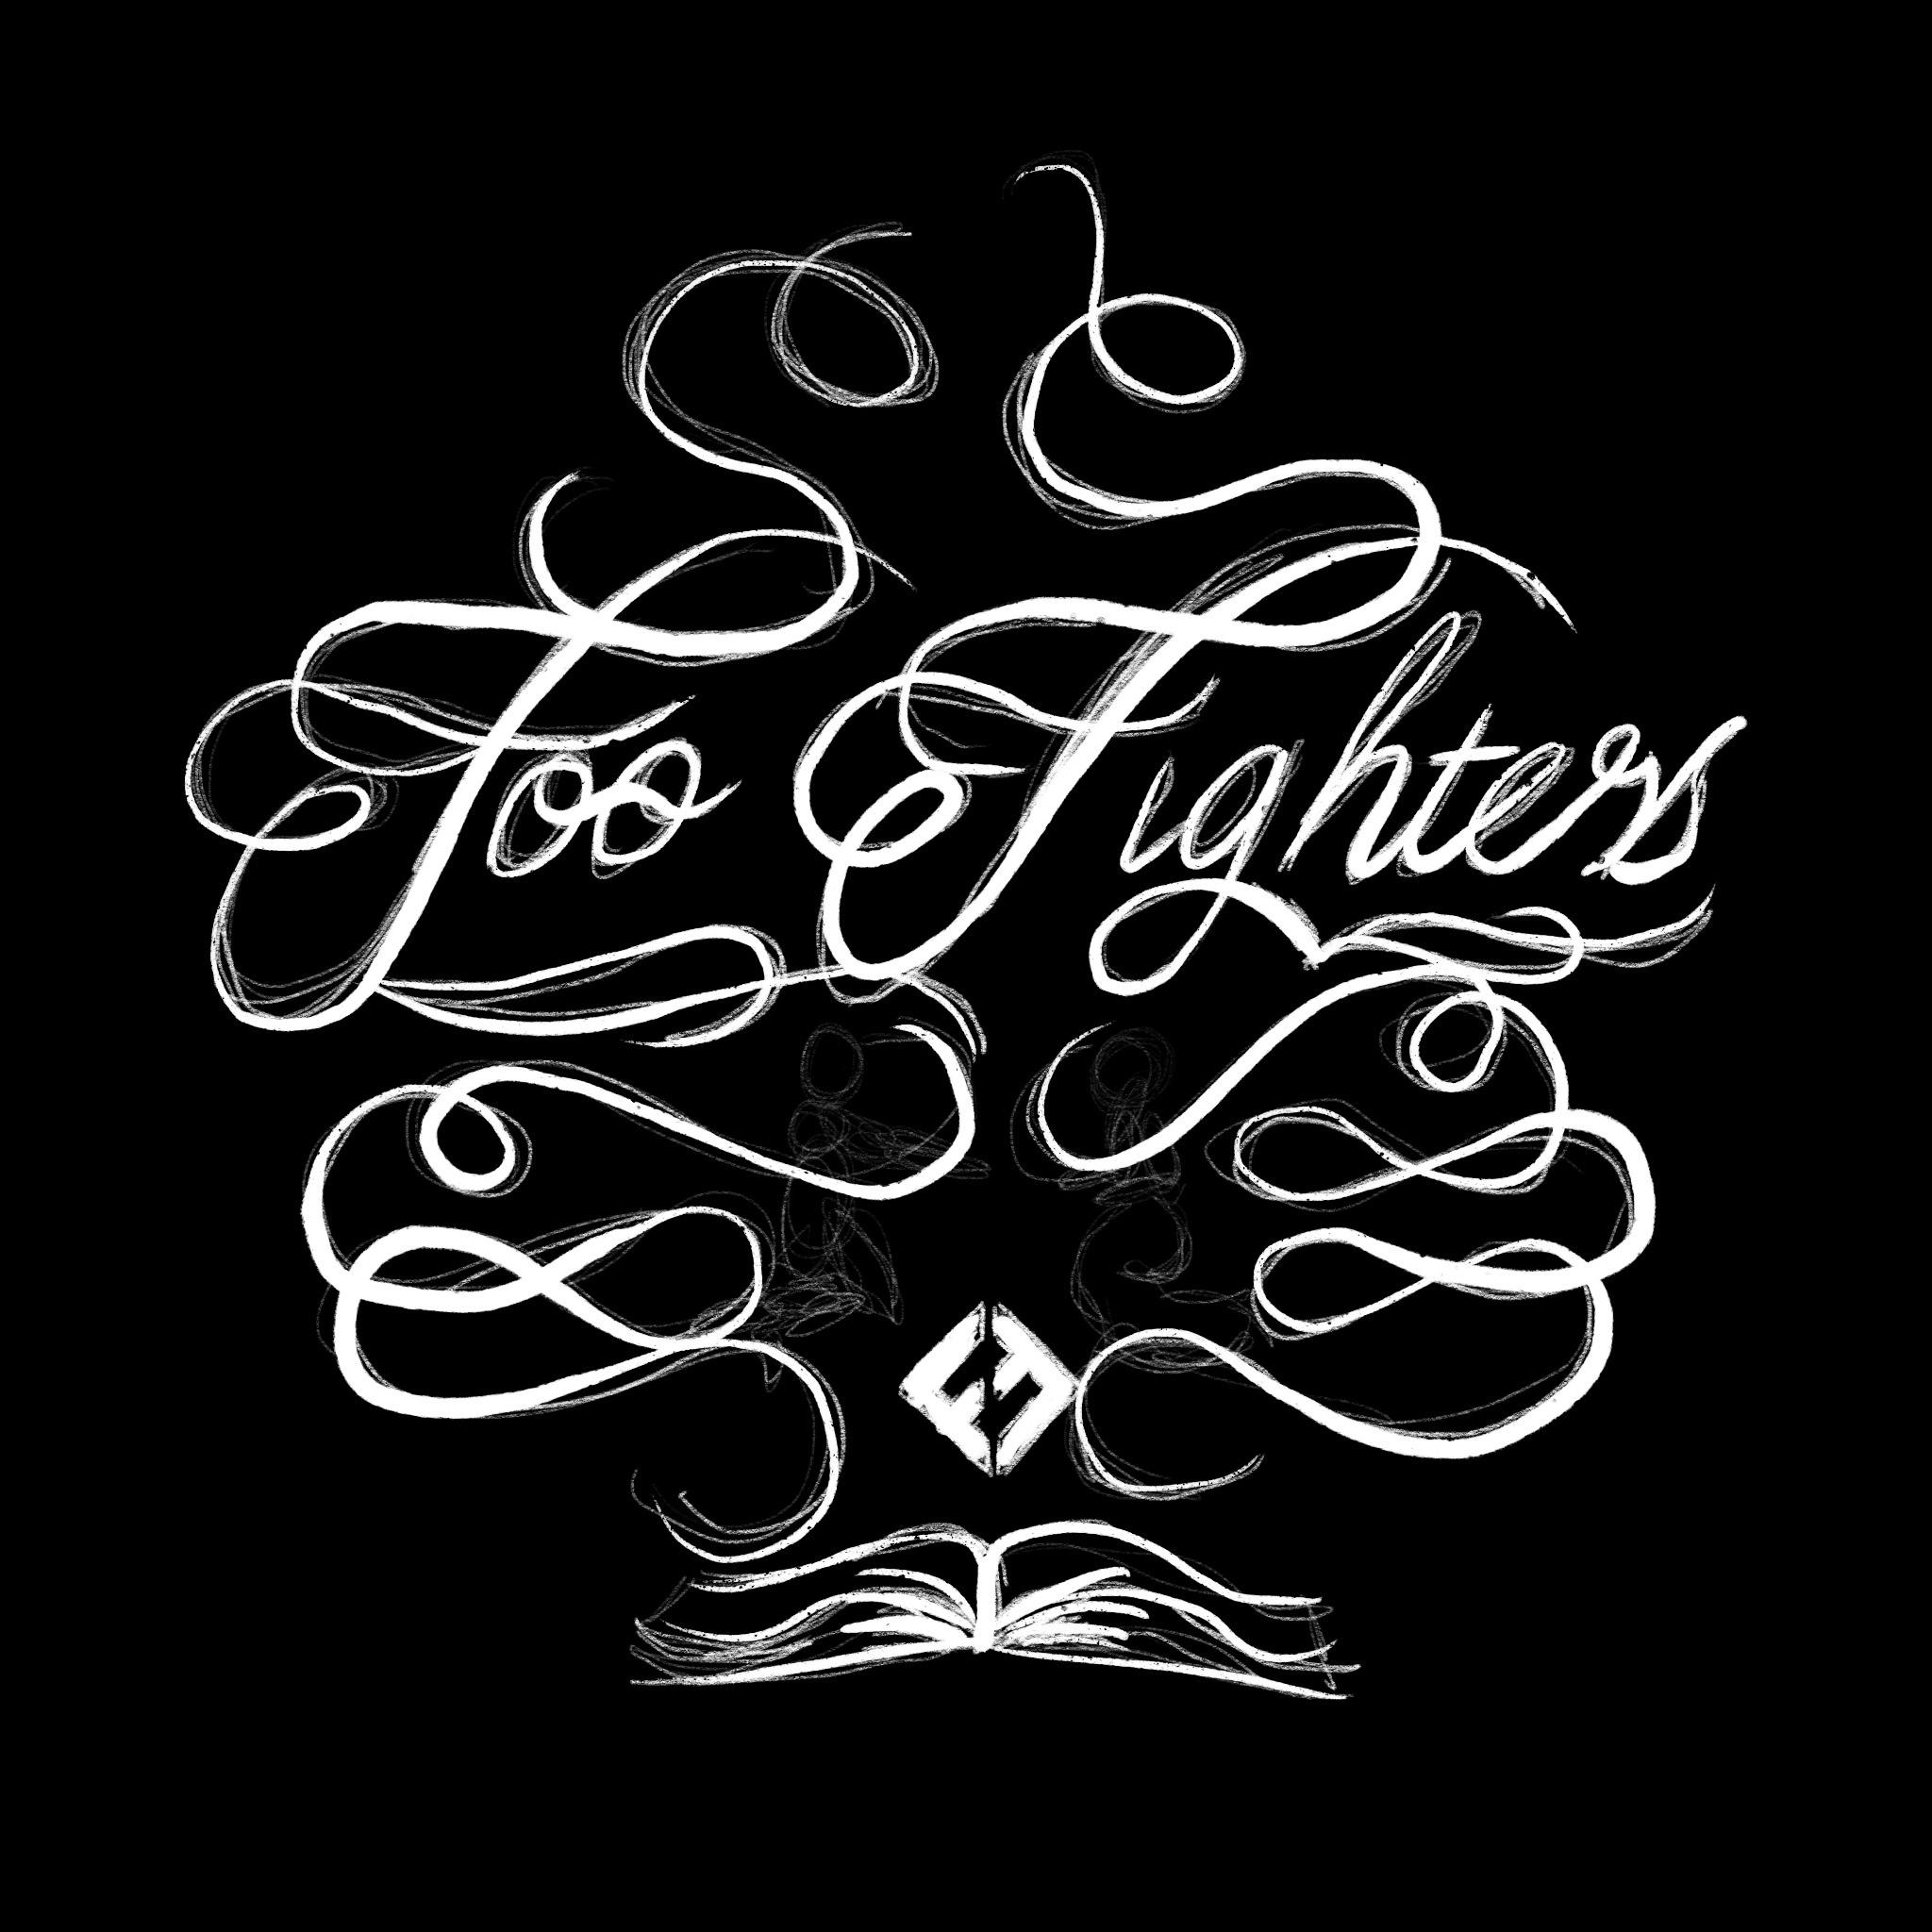 foo-fighters-book-sketch.jpg